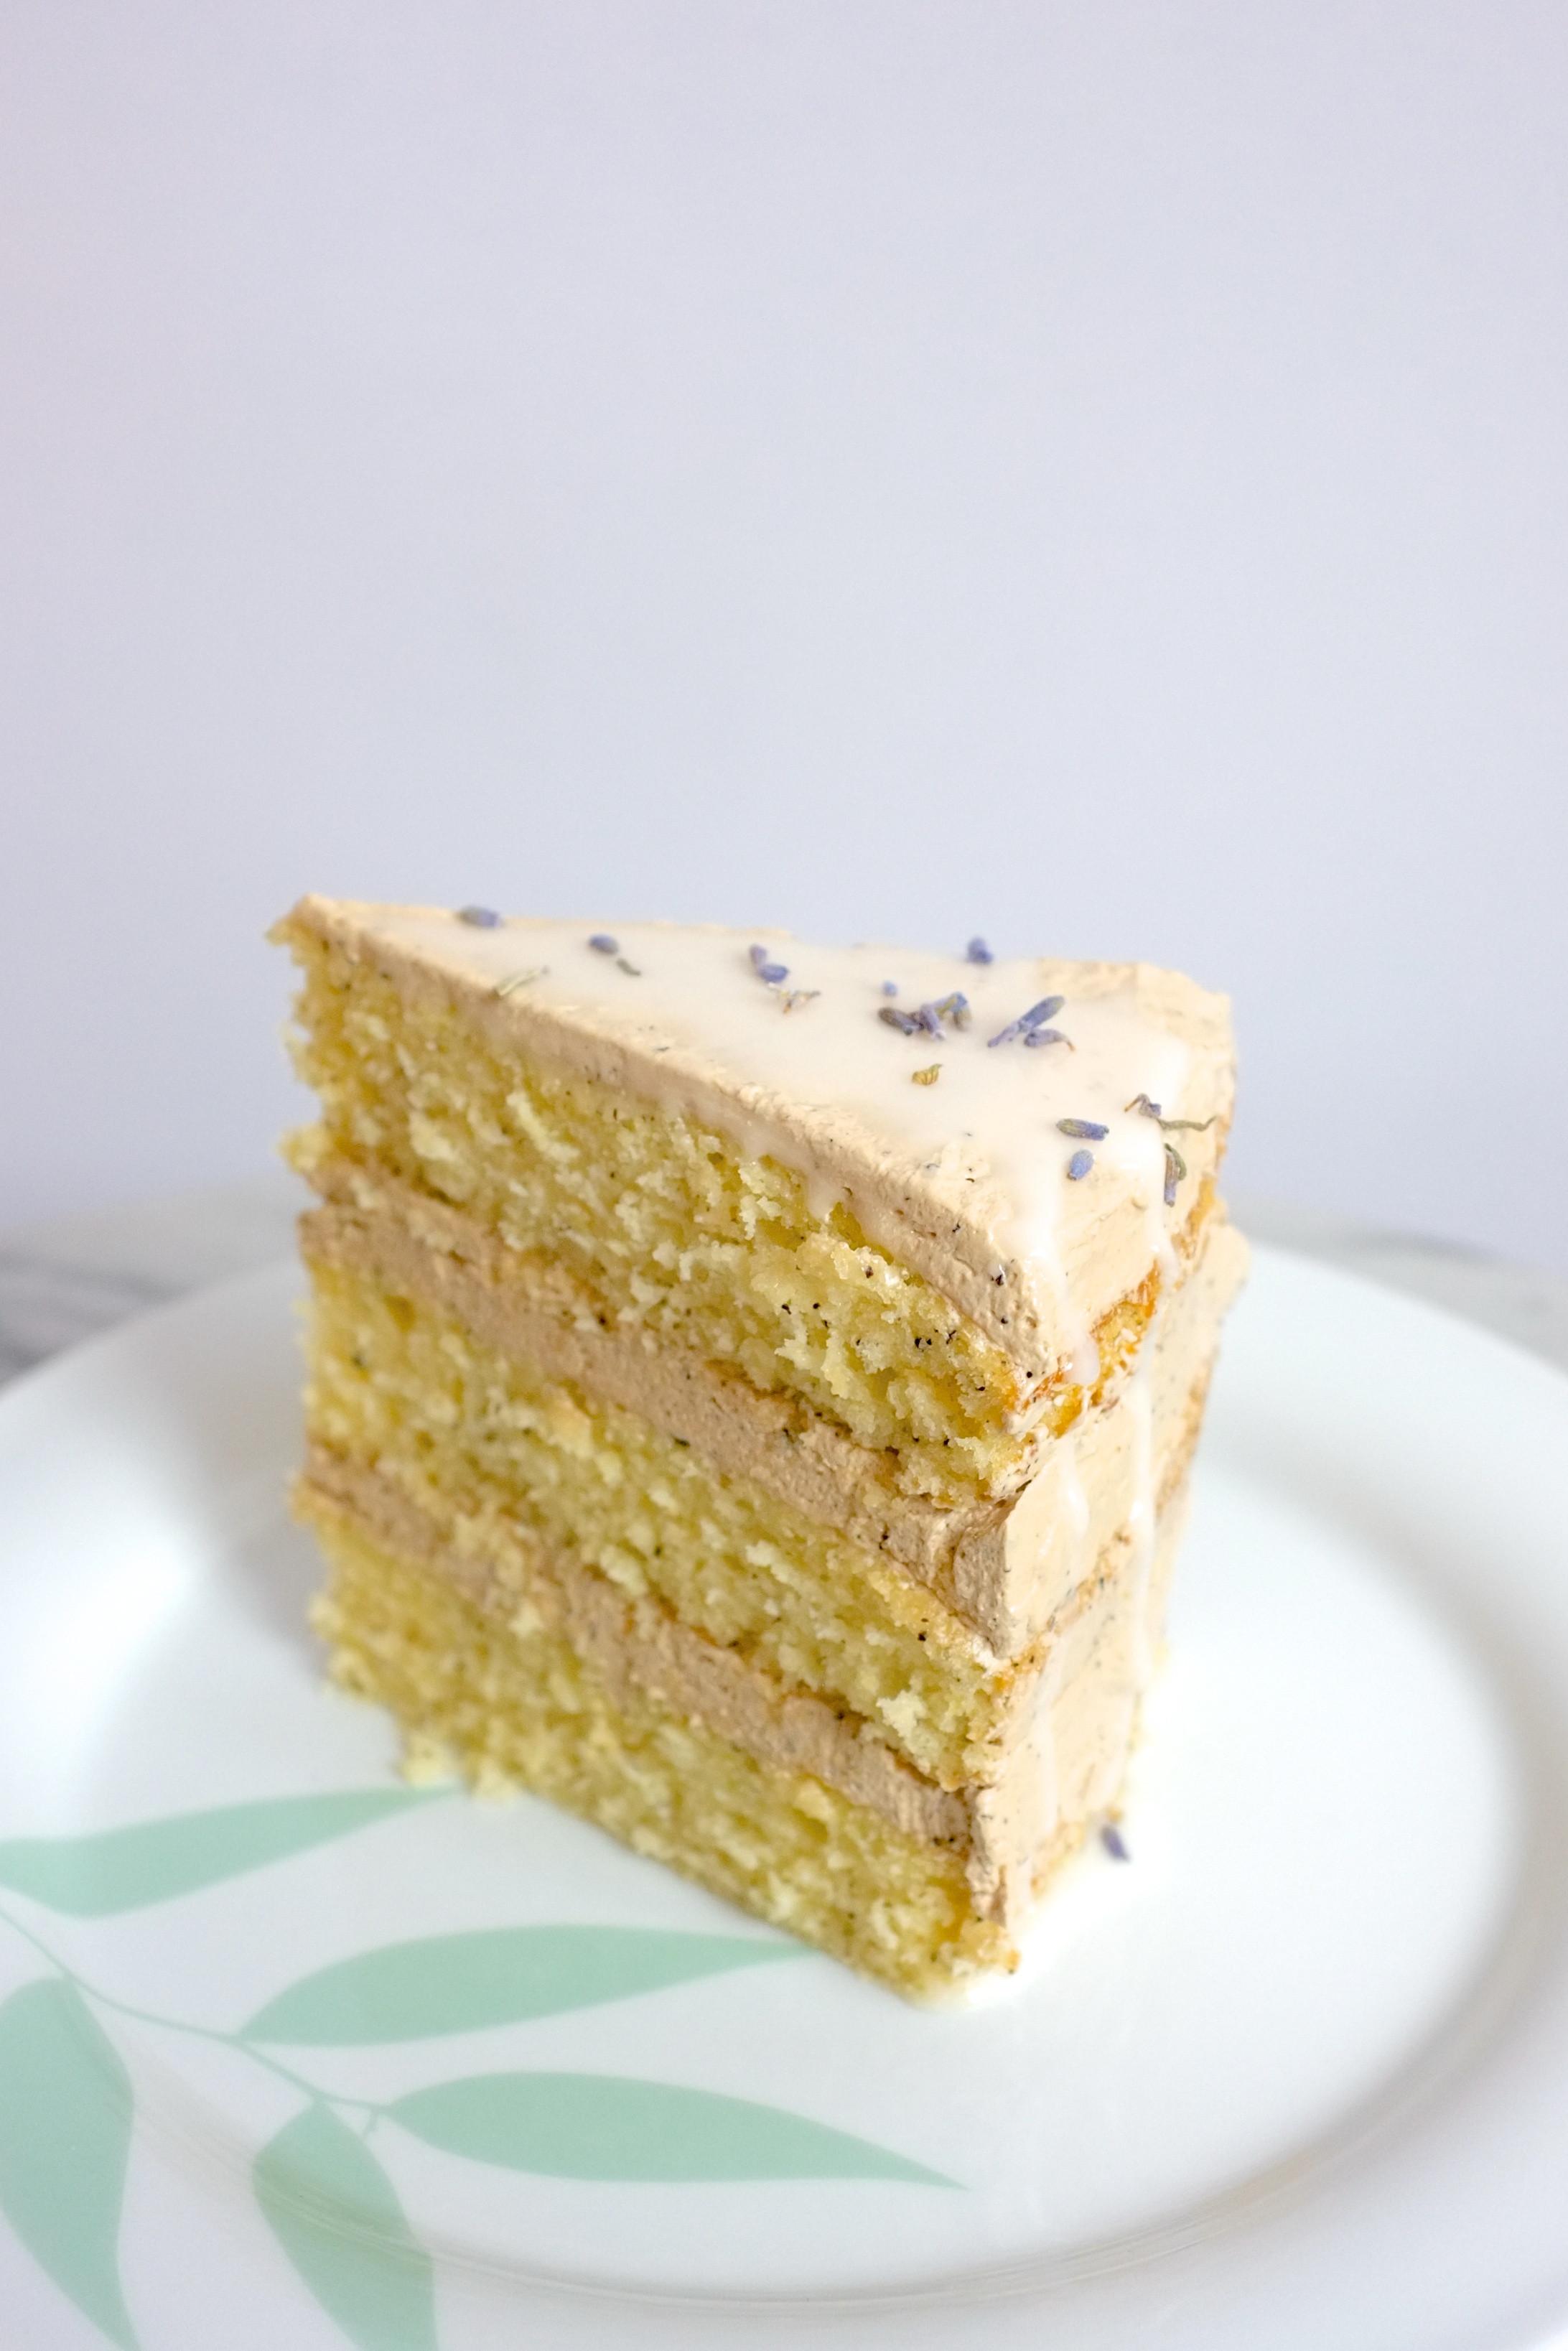 Lemon Lavender Cake  Earl Grey Lemon & Lavender Cake